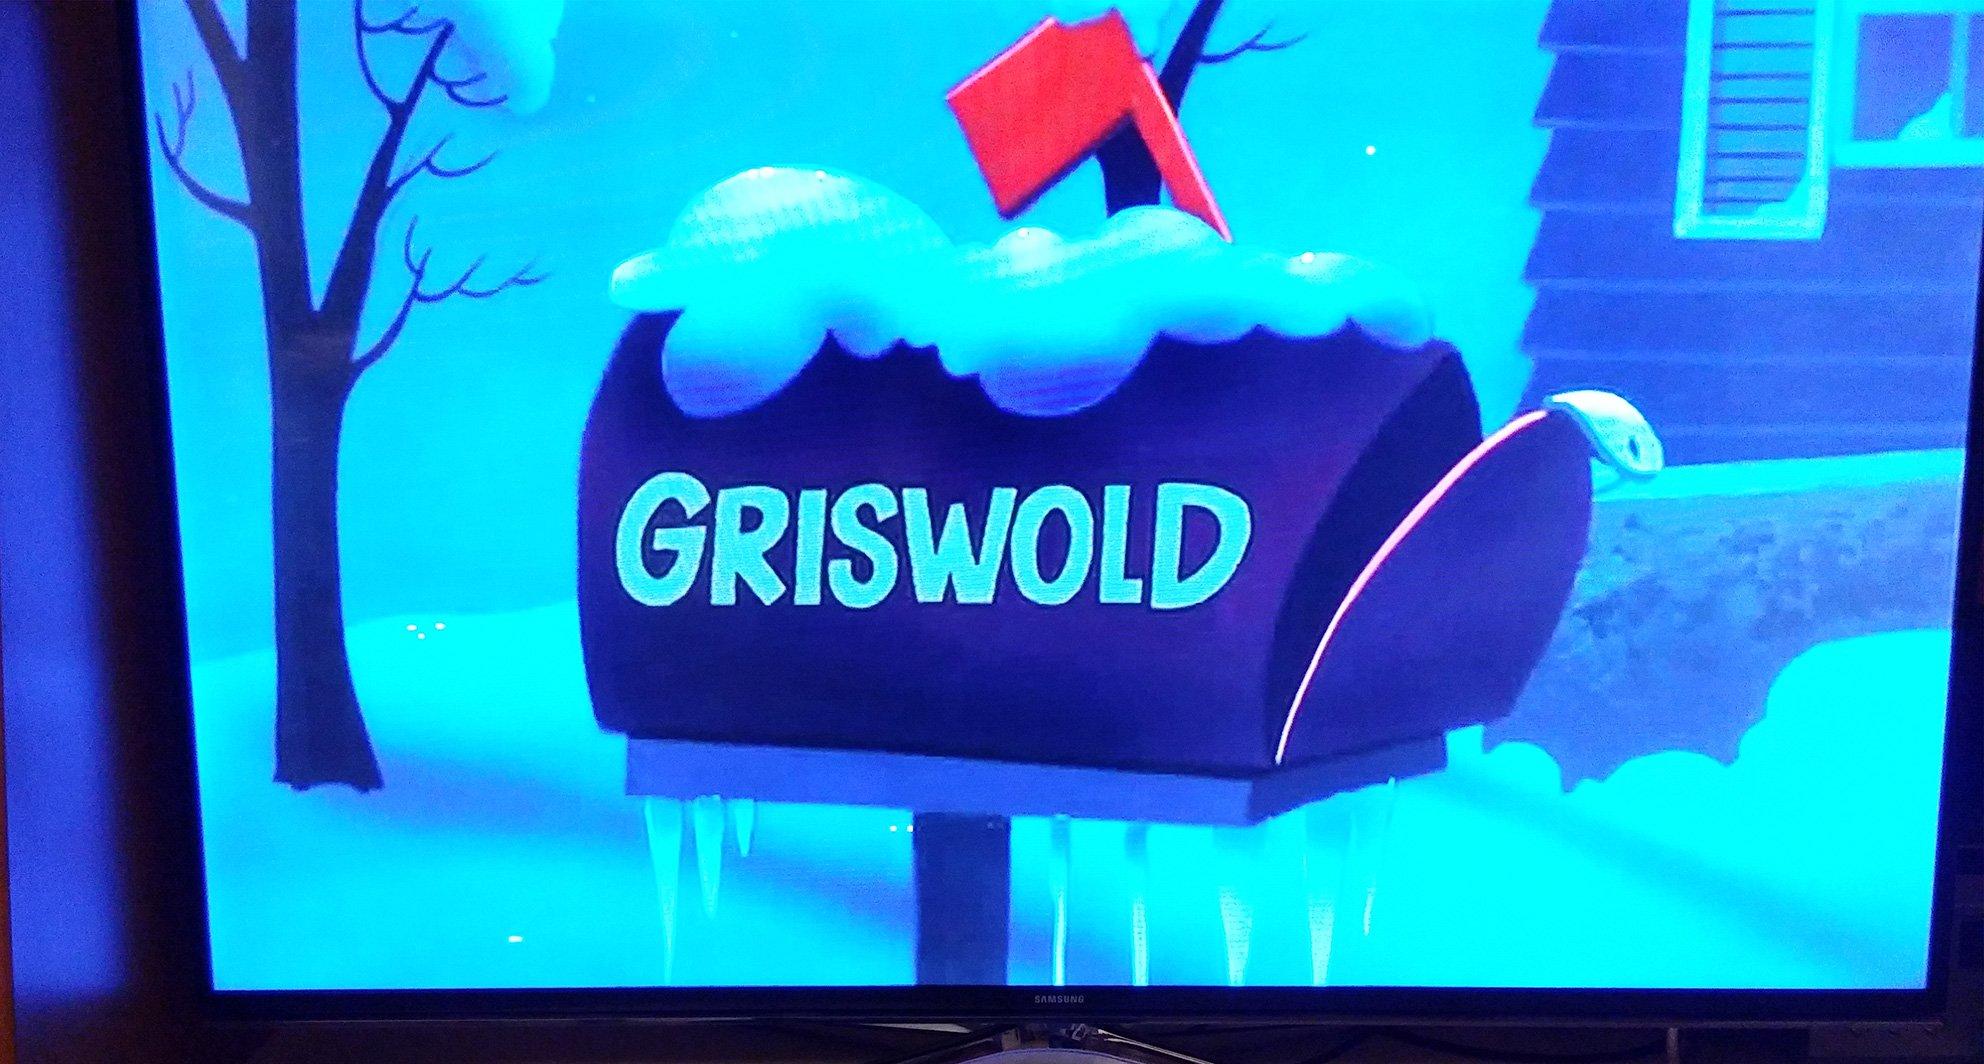 20151214_213906_HDR_SchöneBescherung_Griswold_TV_Ausschnitt